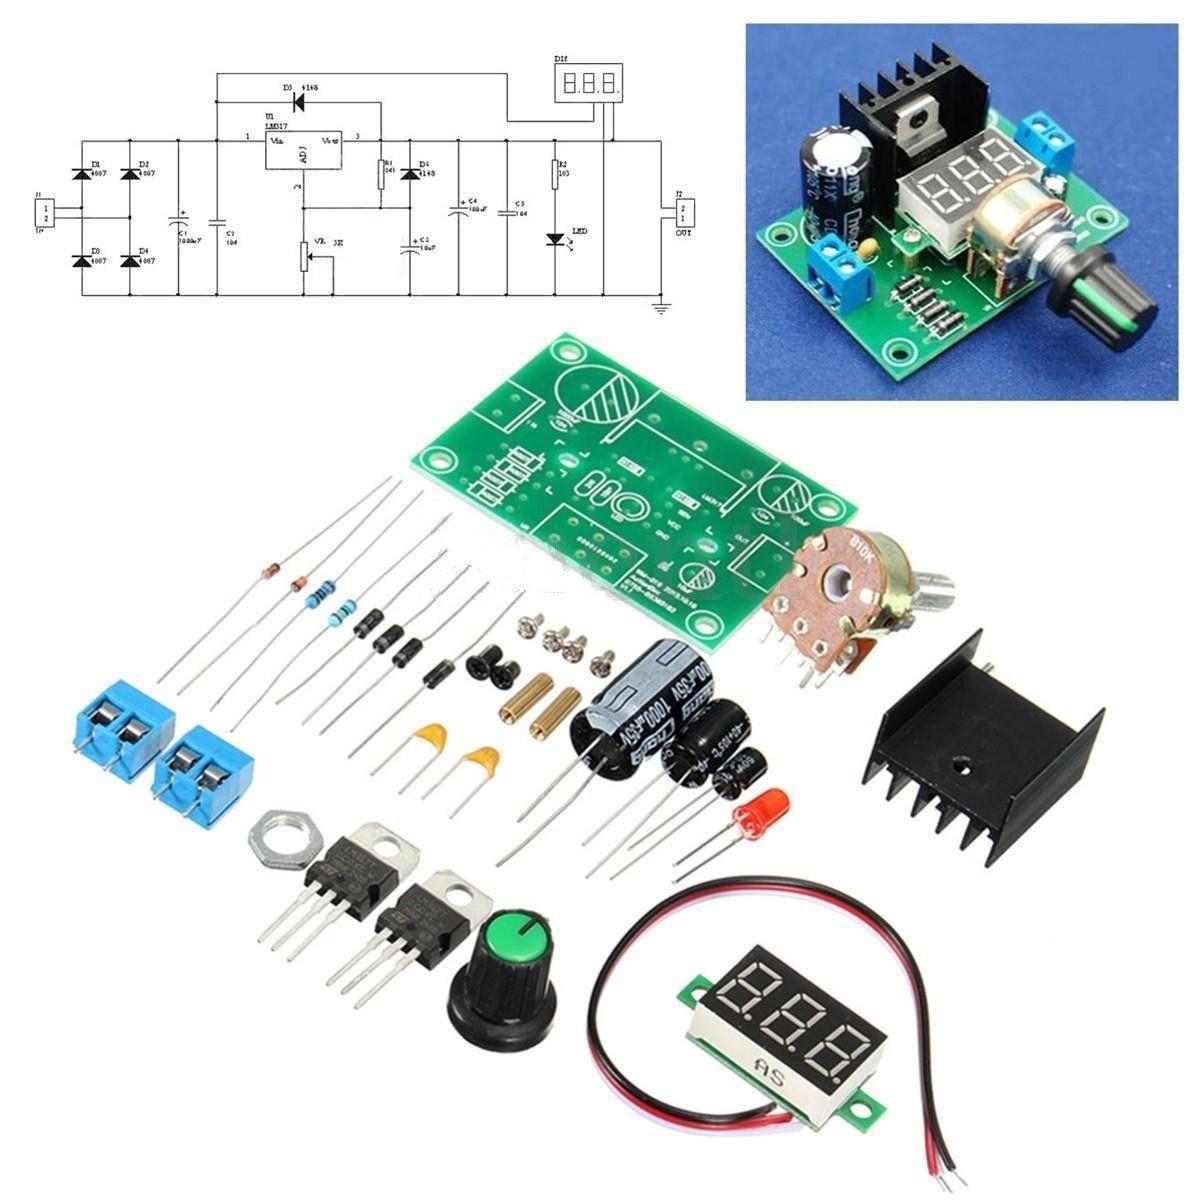 Qoo10 Diy Kit Led Lm317 Adjustable Voltage Regulator Step Down Fit To Viewer Prev Next